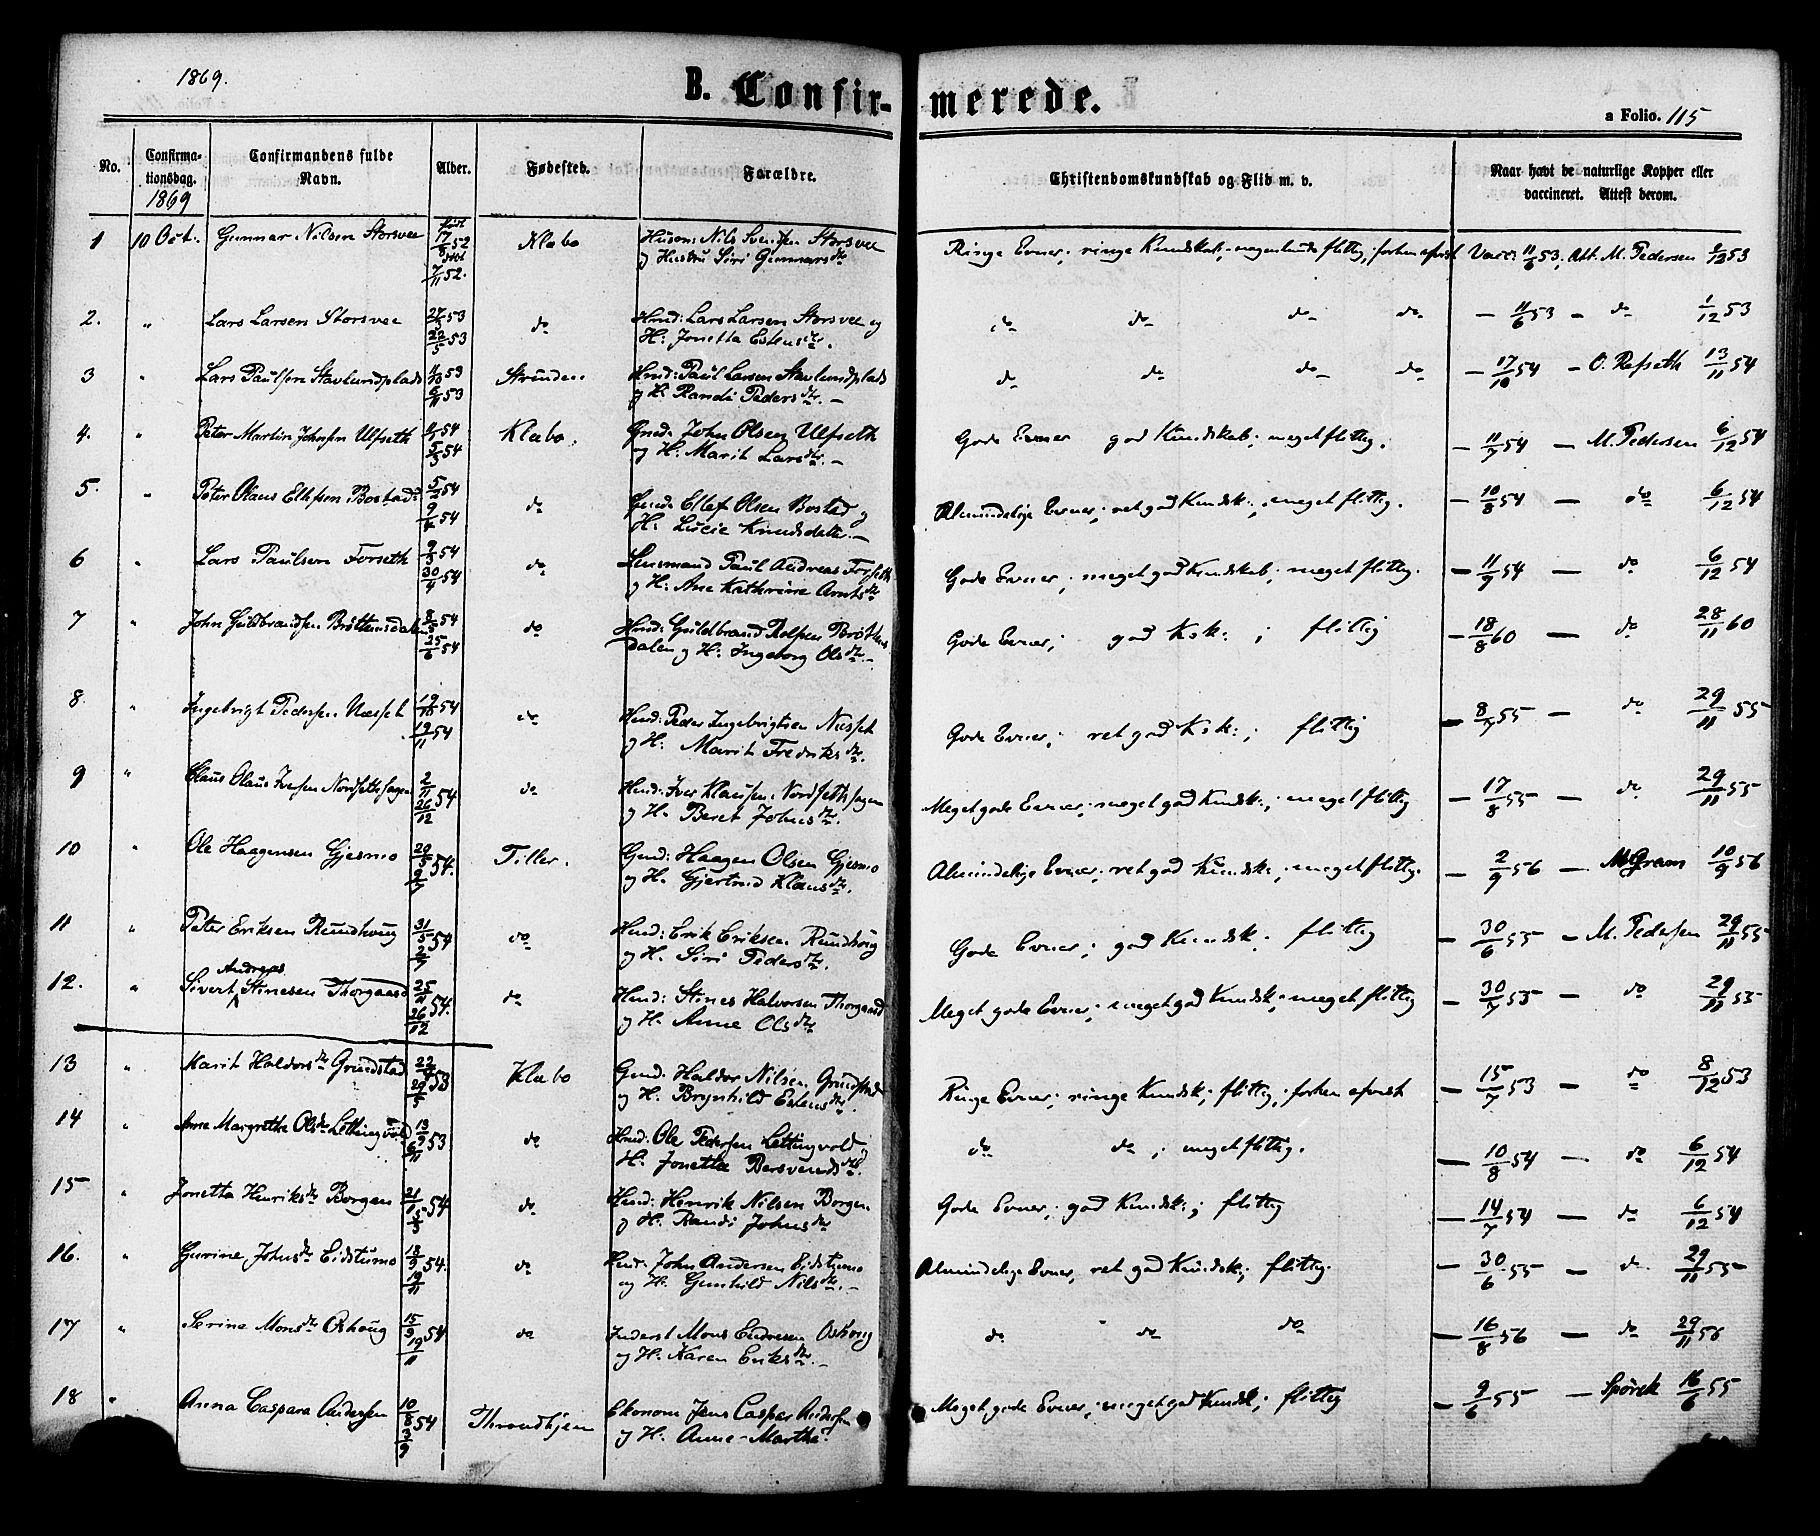 SAT, Ministerialprotokoller, klokkerbøker og fødselsregistre - Sør-Trøndelag, 618/L0442: Ministerialbok nr. 618A06 /1, 1863-1879, s. 115